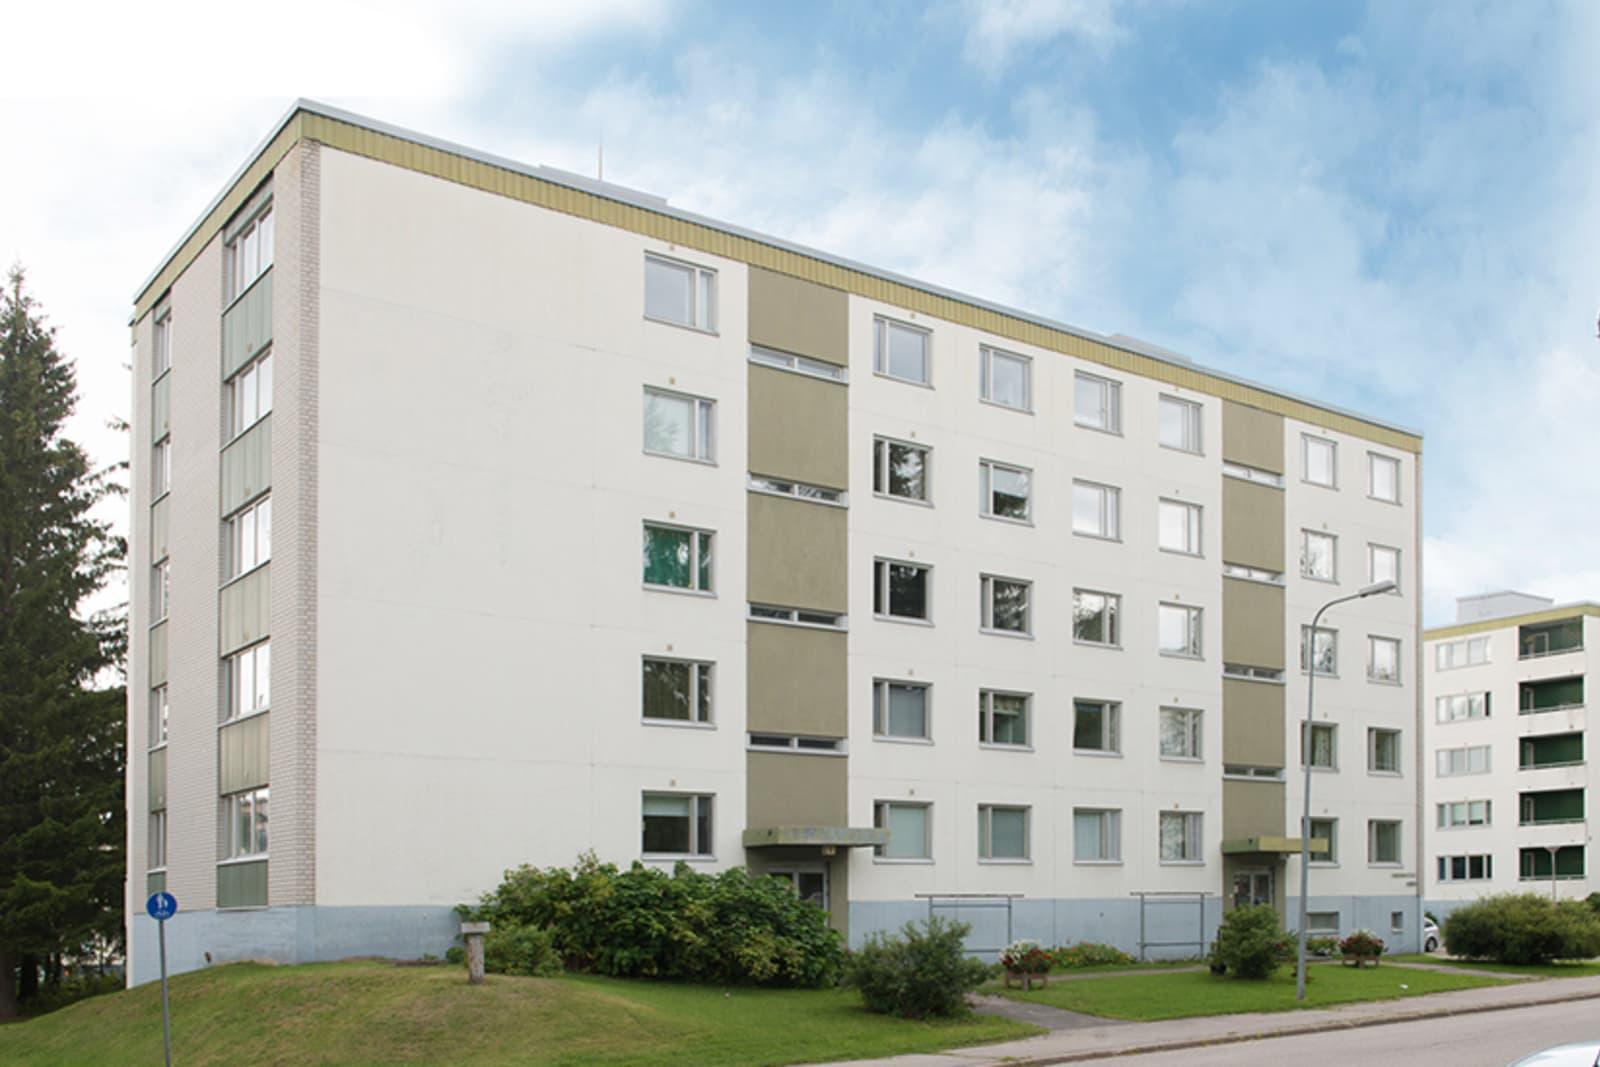 Jyväskylä, Keltinmäki, Keltinmäentie 27